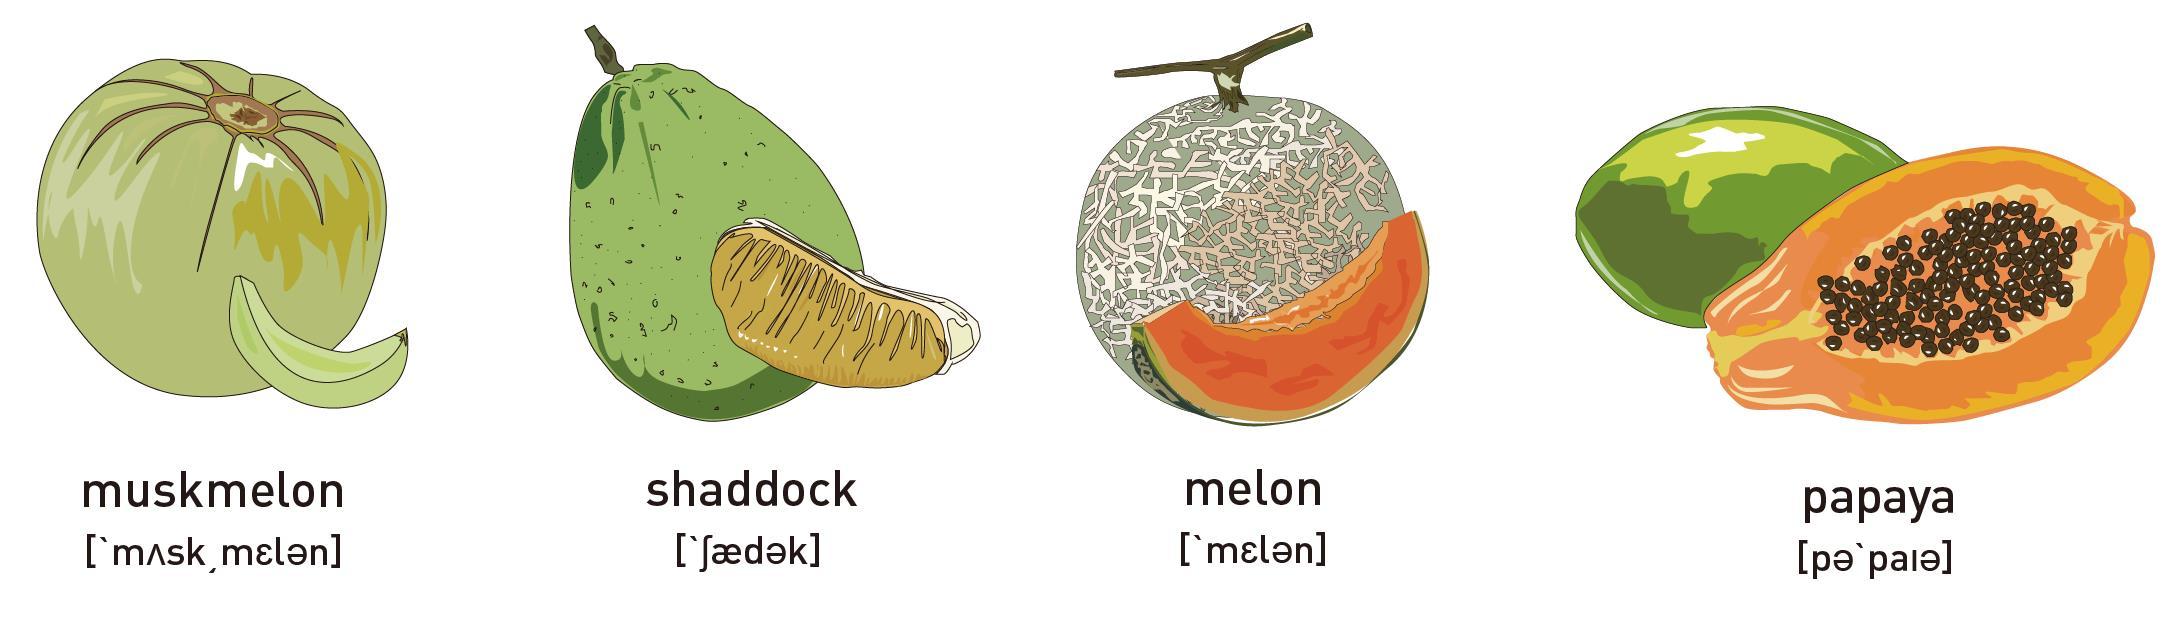 木瓜的英文唸「趴趴呀」是錯的!一張圖讓你搞懂16種水果的英文怎麼說 - 商業周刊